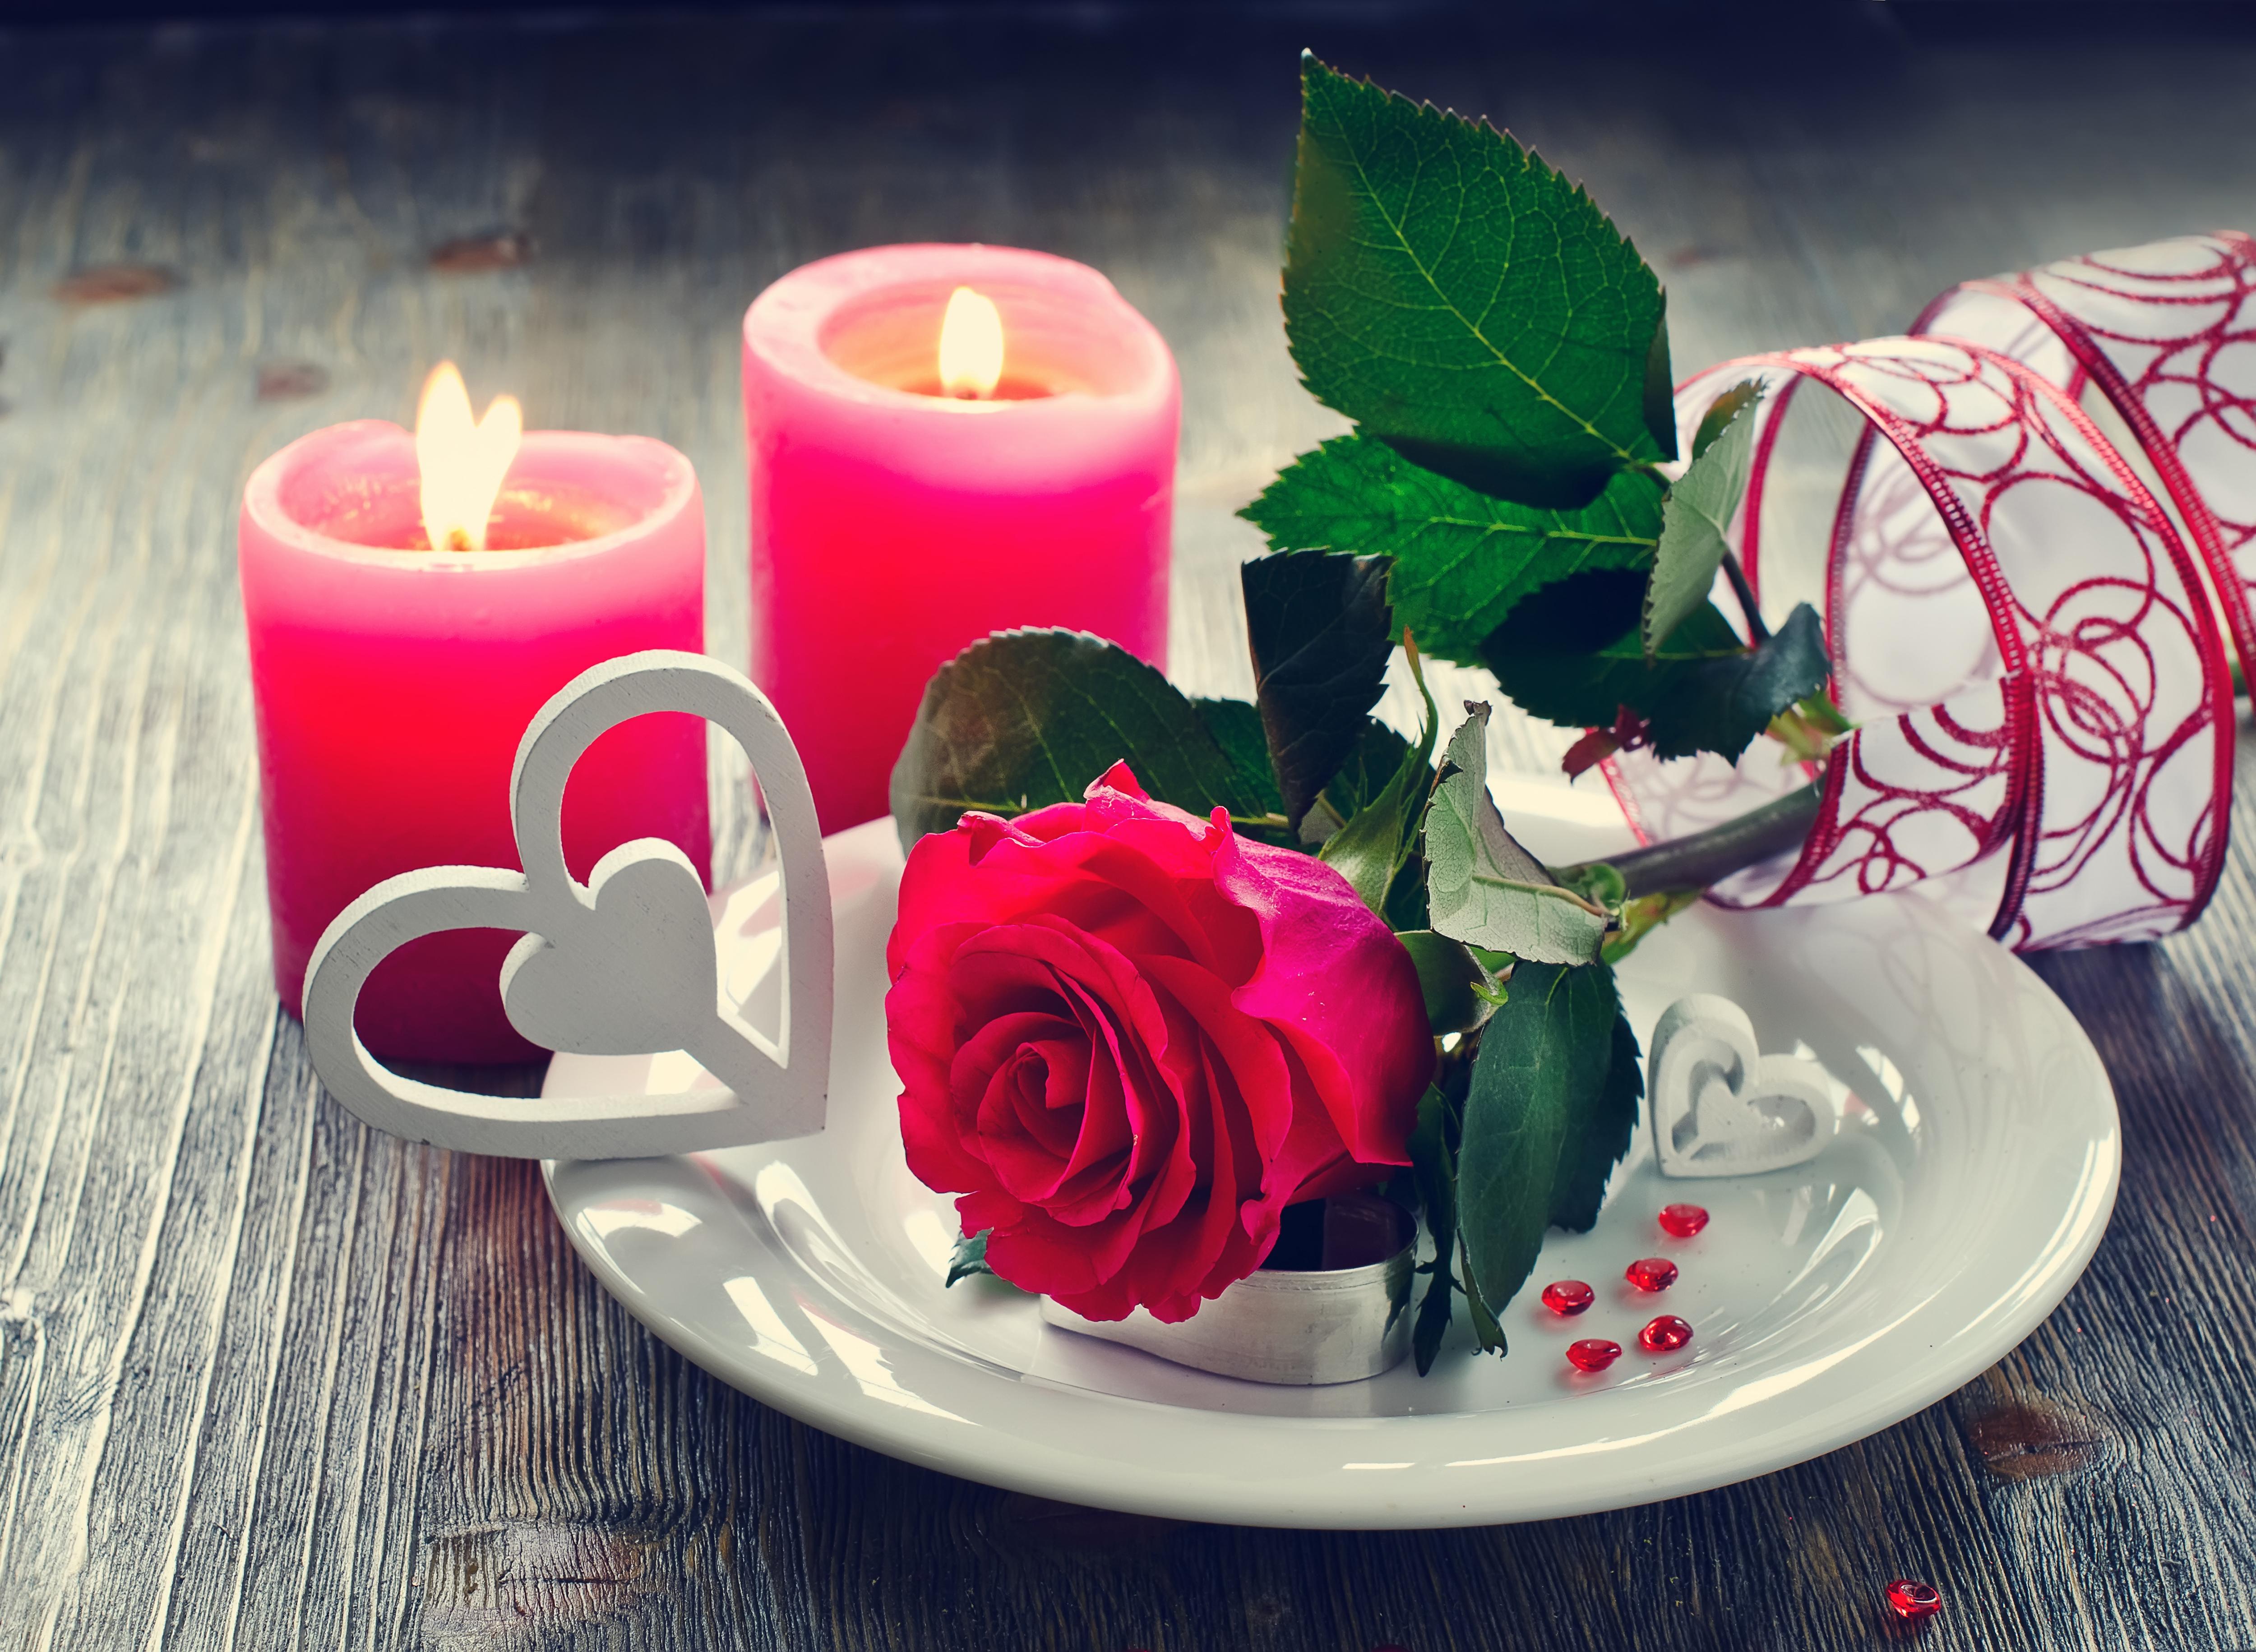 сердце свеча доски  № 3937827 бесплатно